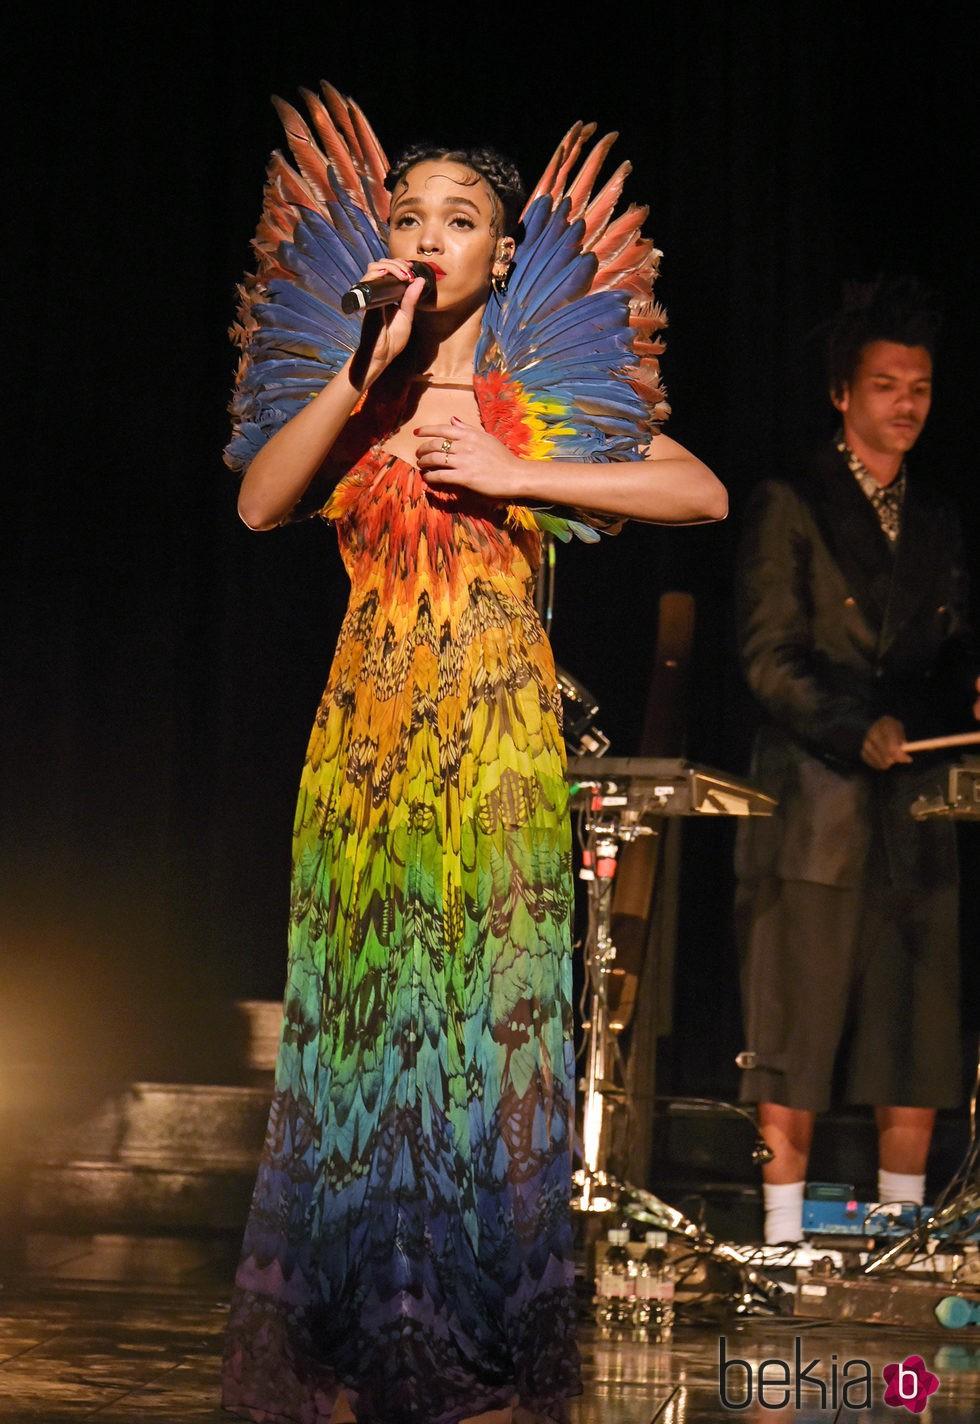 Tahliah Debrett Barnett  -FKA Twigs- en la inauguración de la exposición de Alexander McQueen en Londres.